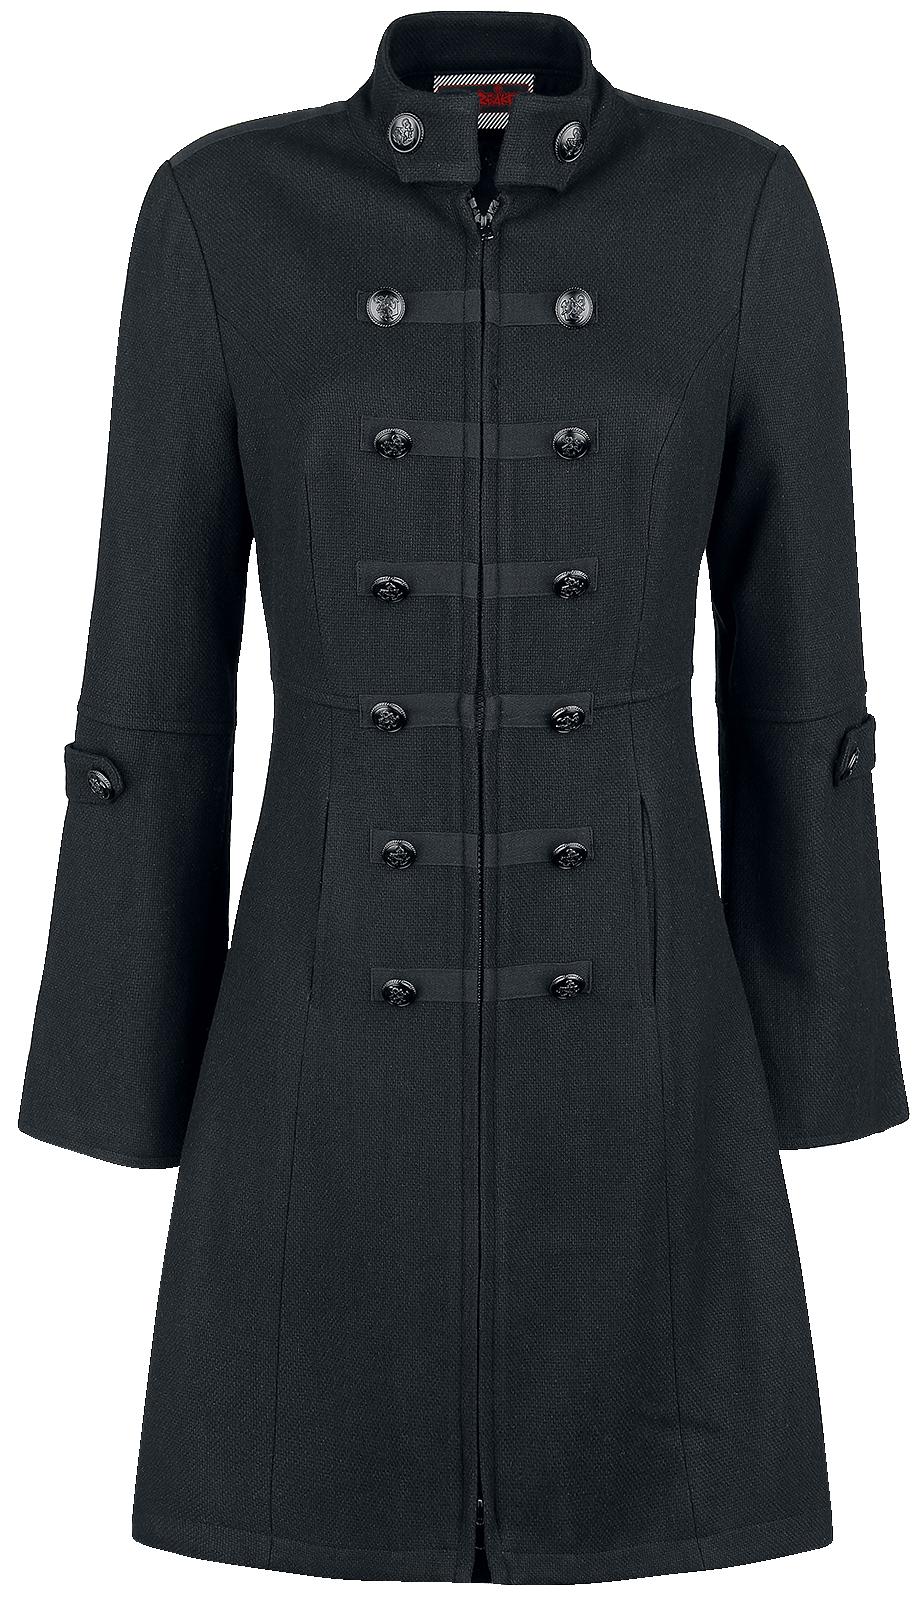 Jawbreaker Military Jacket Płaszcz damski czarny